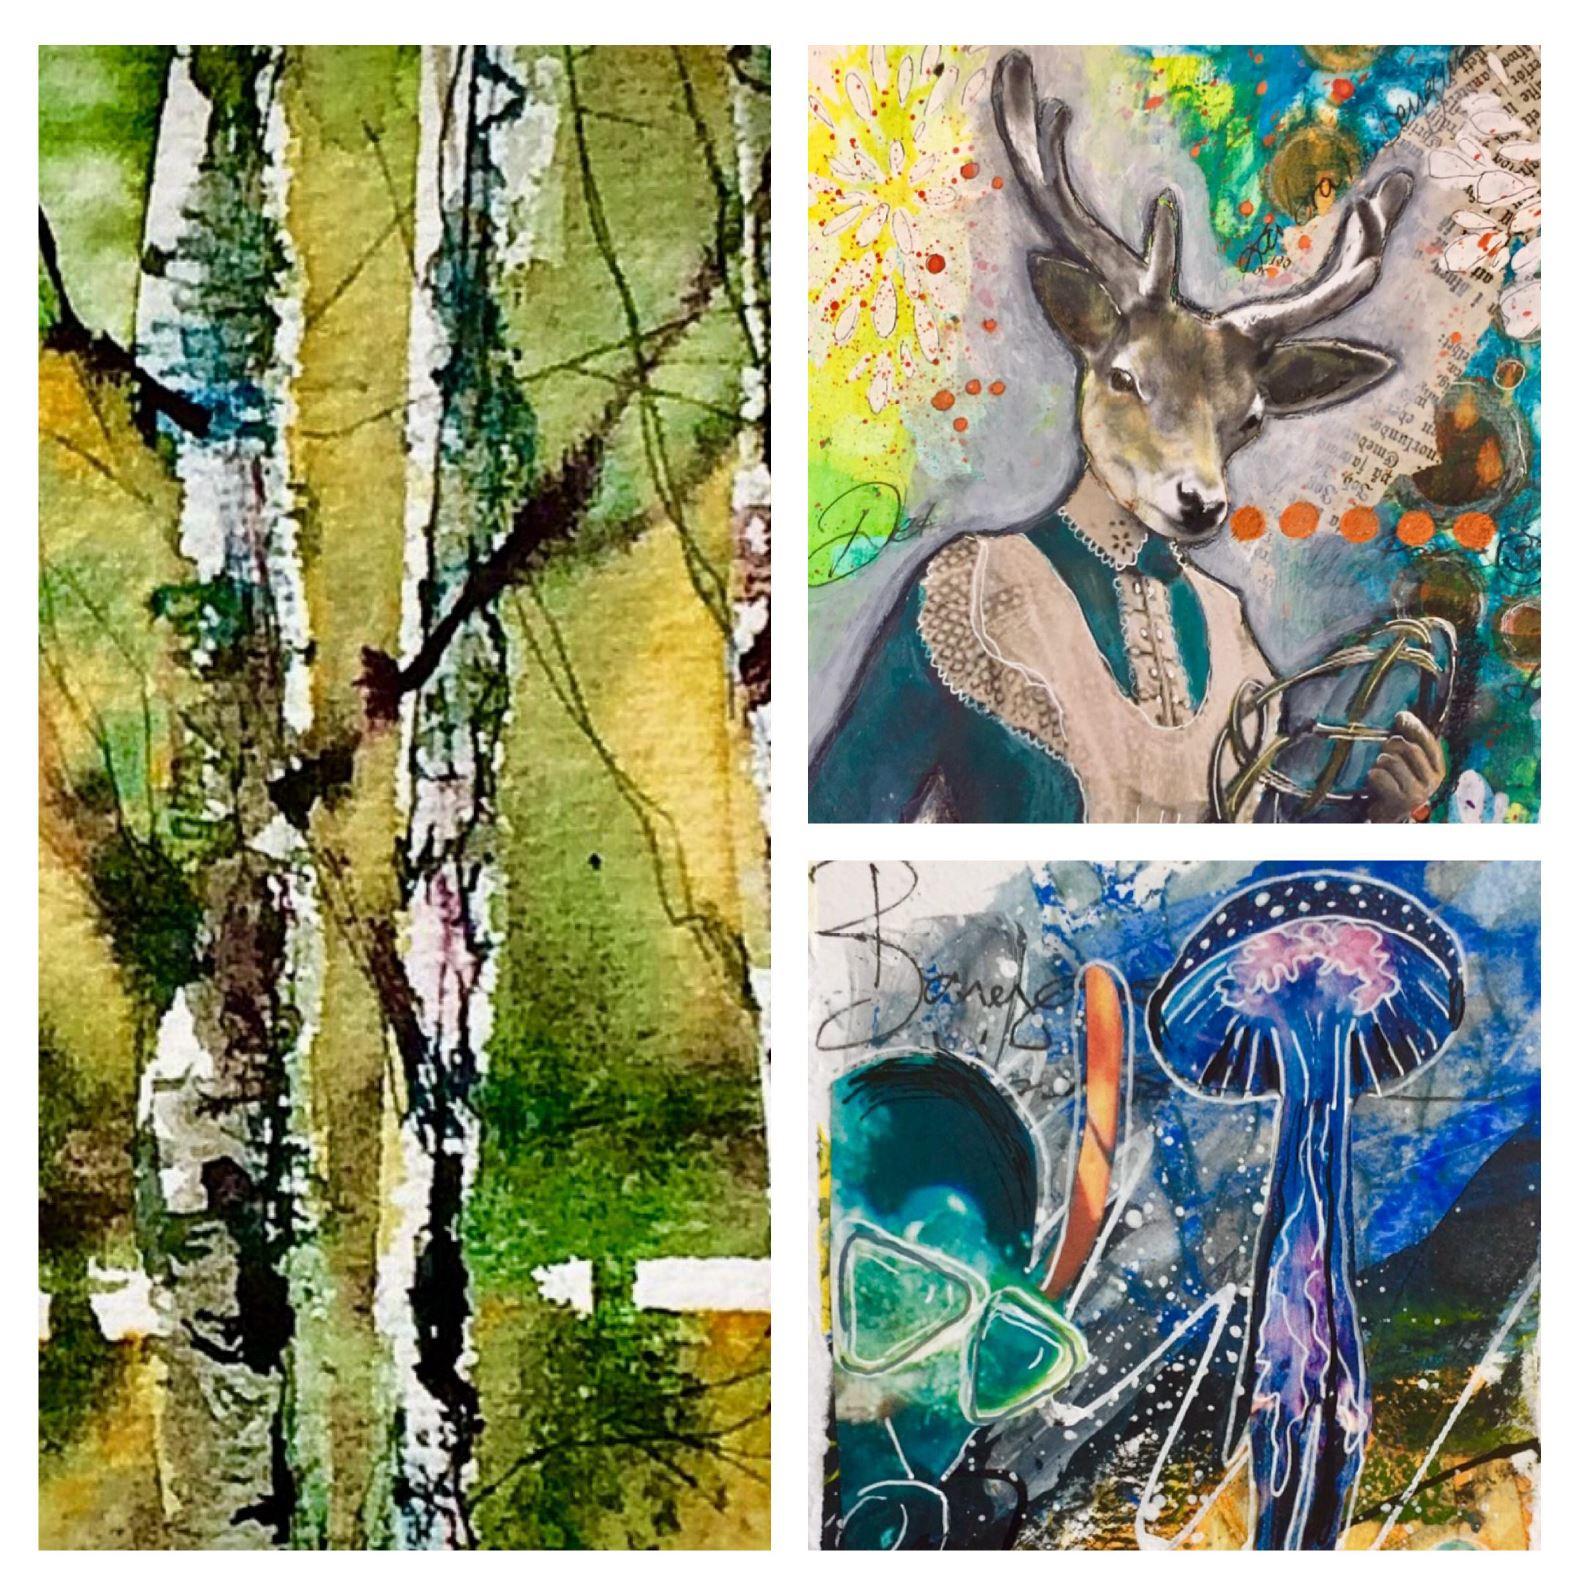 Vernissage och utställning med Helene Wallin, akvarell och art journaling